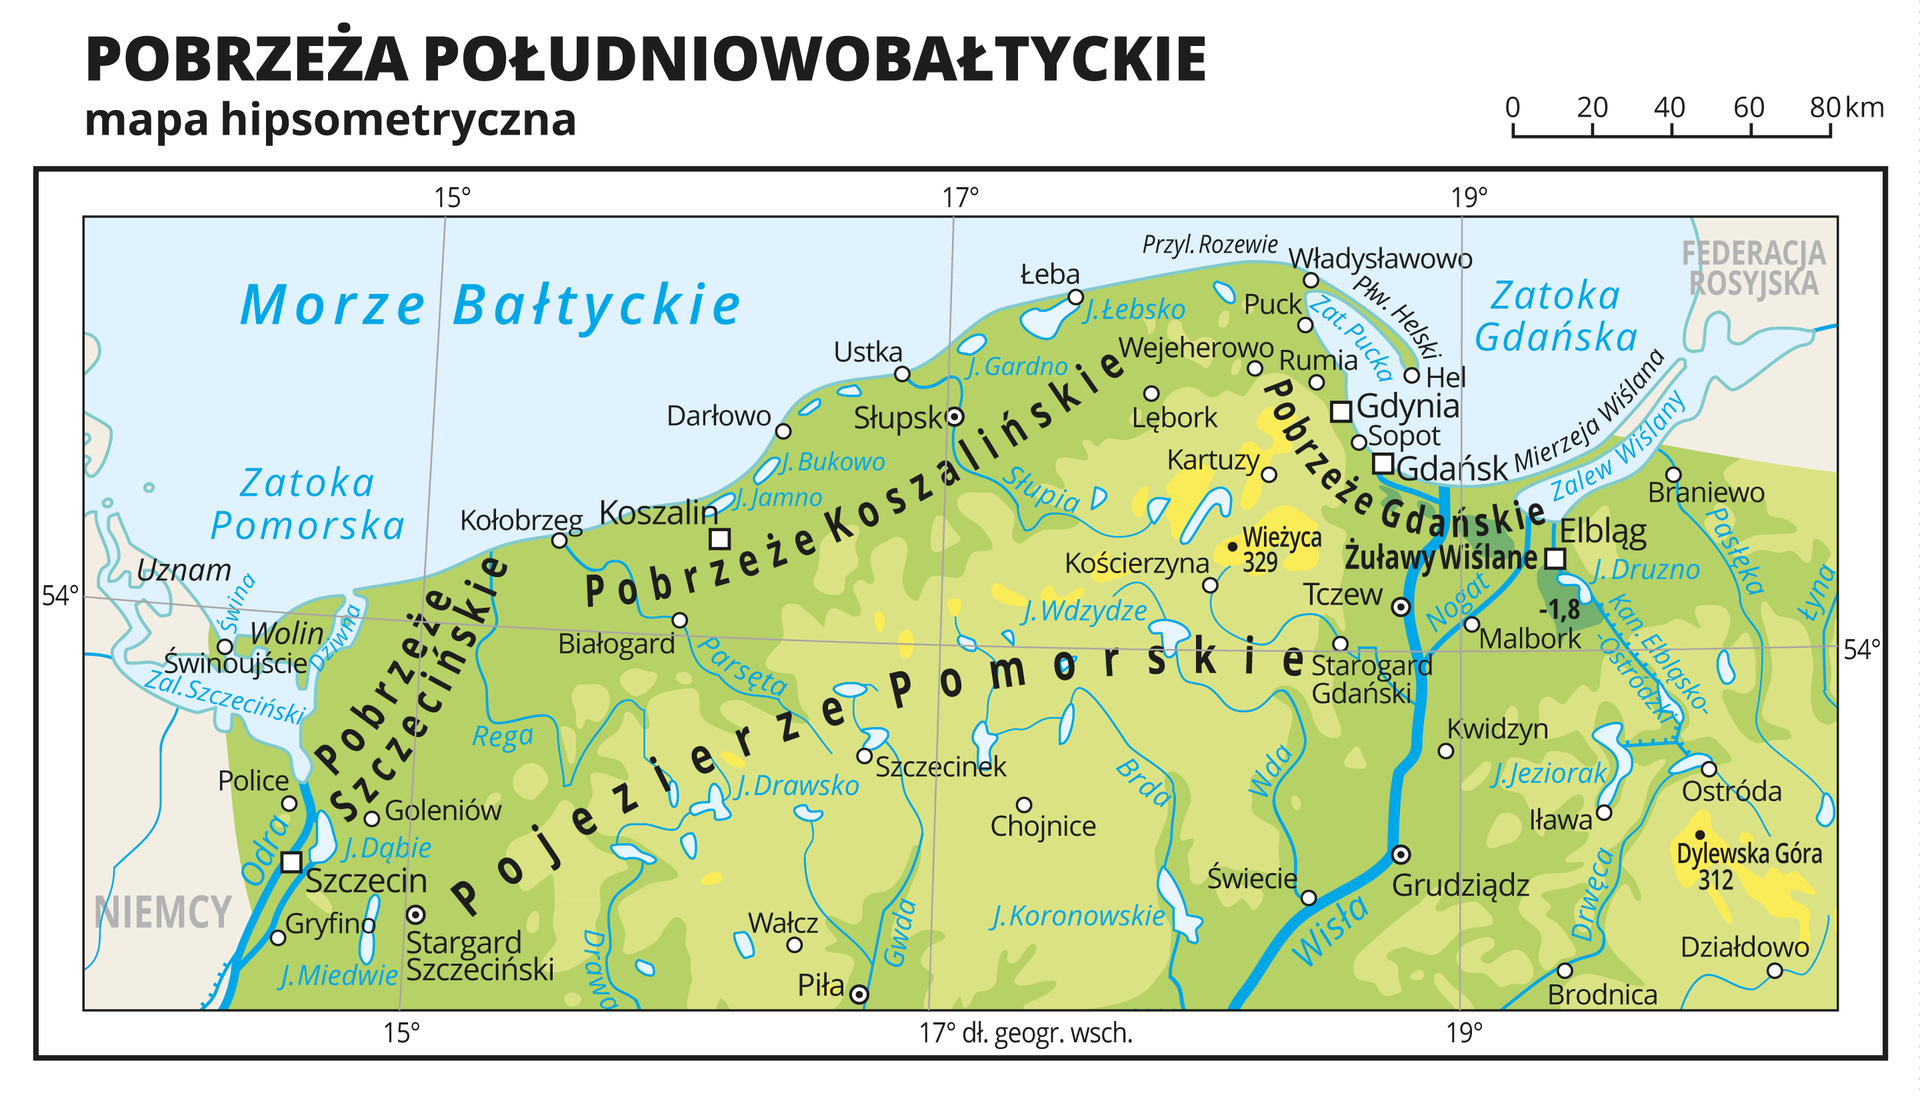 Ilustracja przedstawia mapę hipsometryczną Pobrzeży Południowobałtyckich na terenie Polski. Na mapie dominuje kolor zielony oznaczający niziny. Oznaczono iopisano miasta, rzeki, jeziora iszczyty. Opisano pobrzeża ipojezierza, morze, zatoki iwyspy. Opisano państwa sąsiadujące zPolską. Dookoła mapy wbiałej ramce opisano współrzędne geograficzne co dwa stopnie.